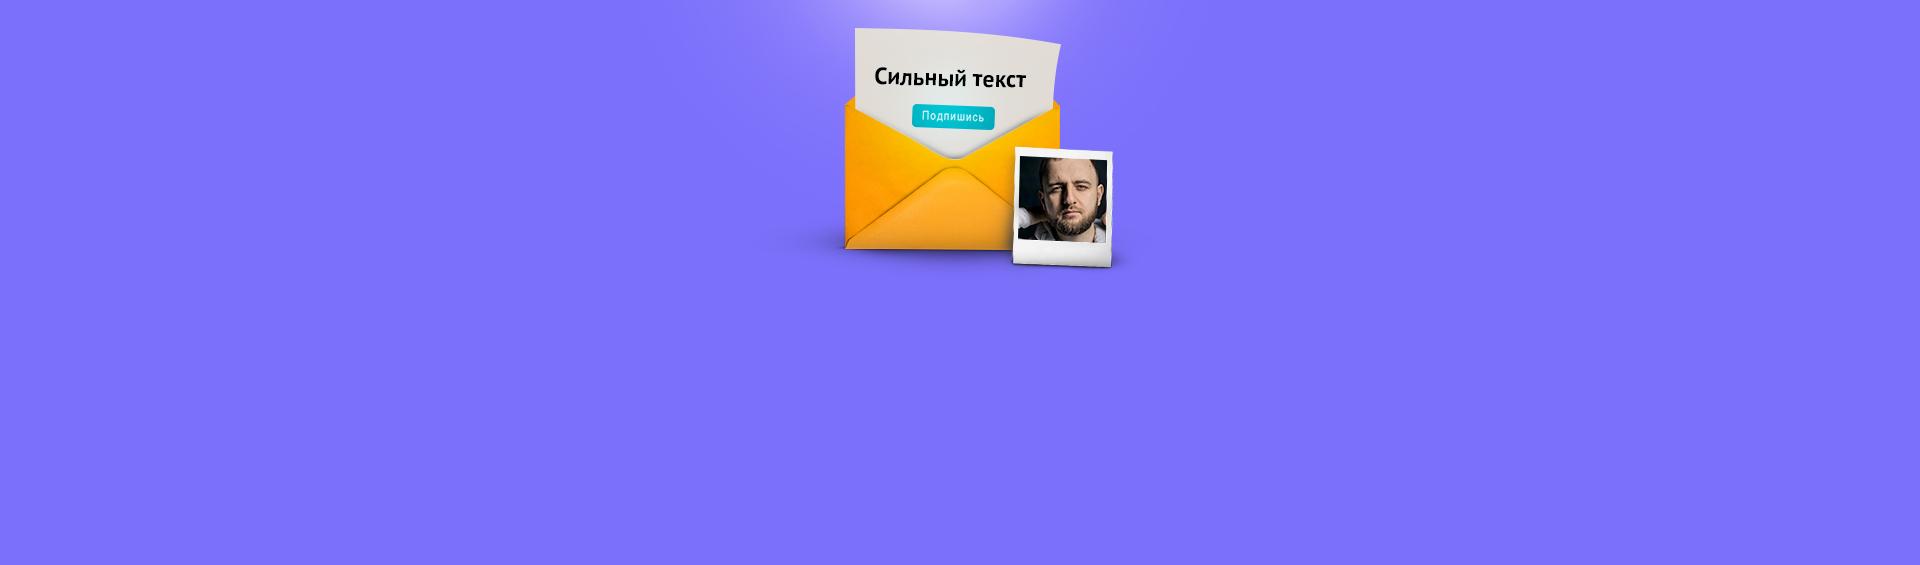 Максим Ильяхов, главред: сколько насамом деле можно заработать наemail-рассылке